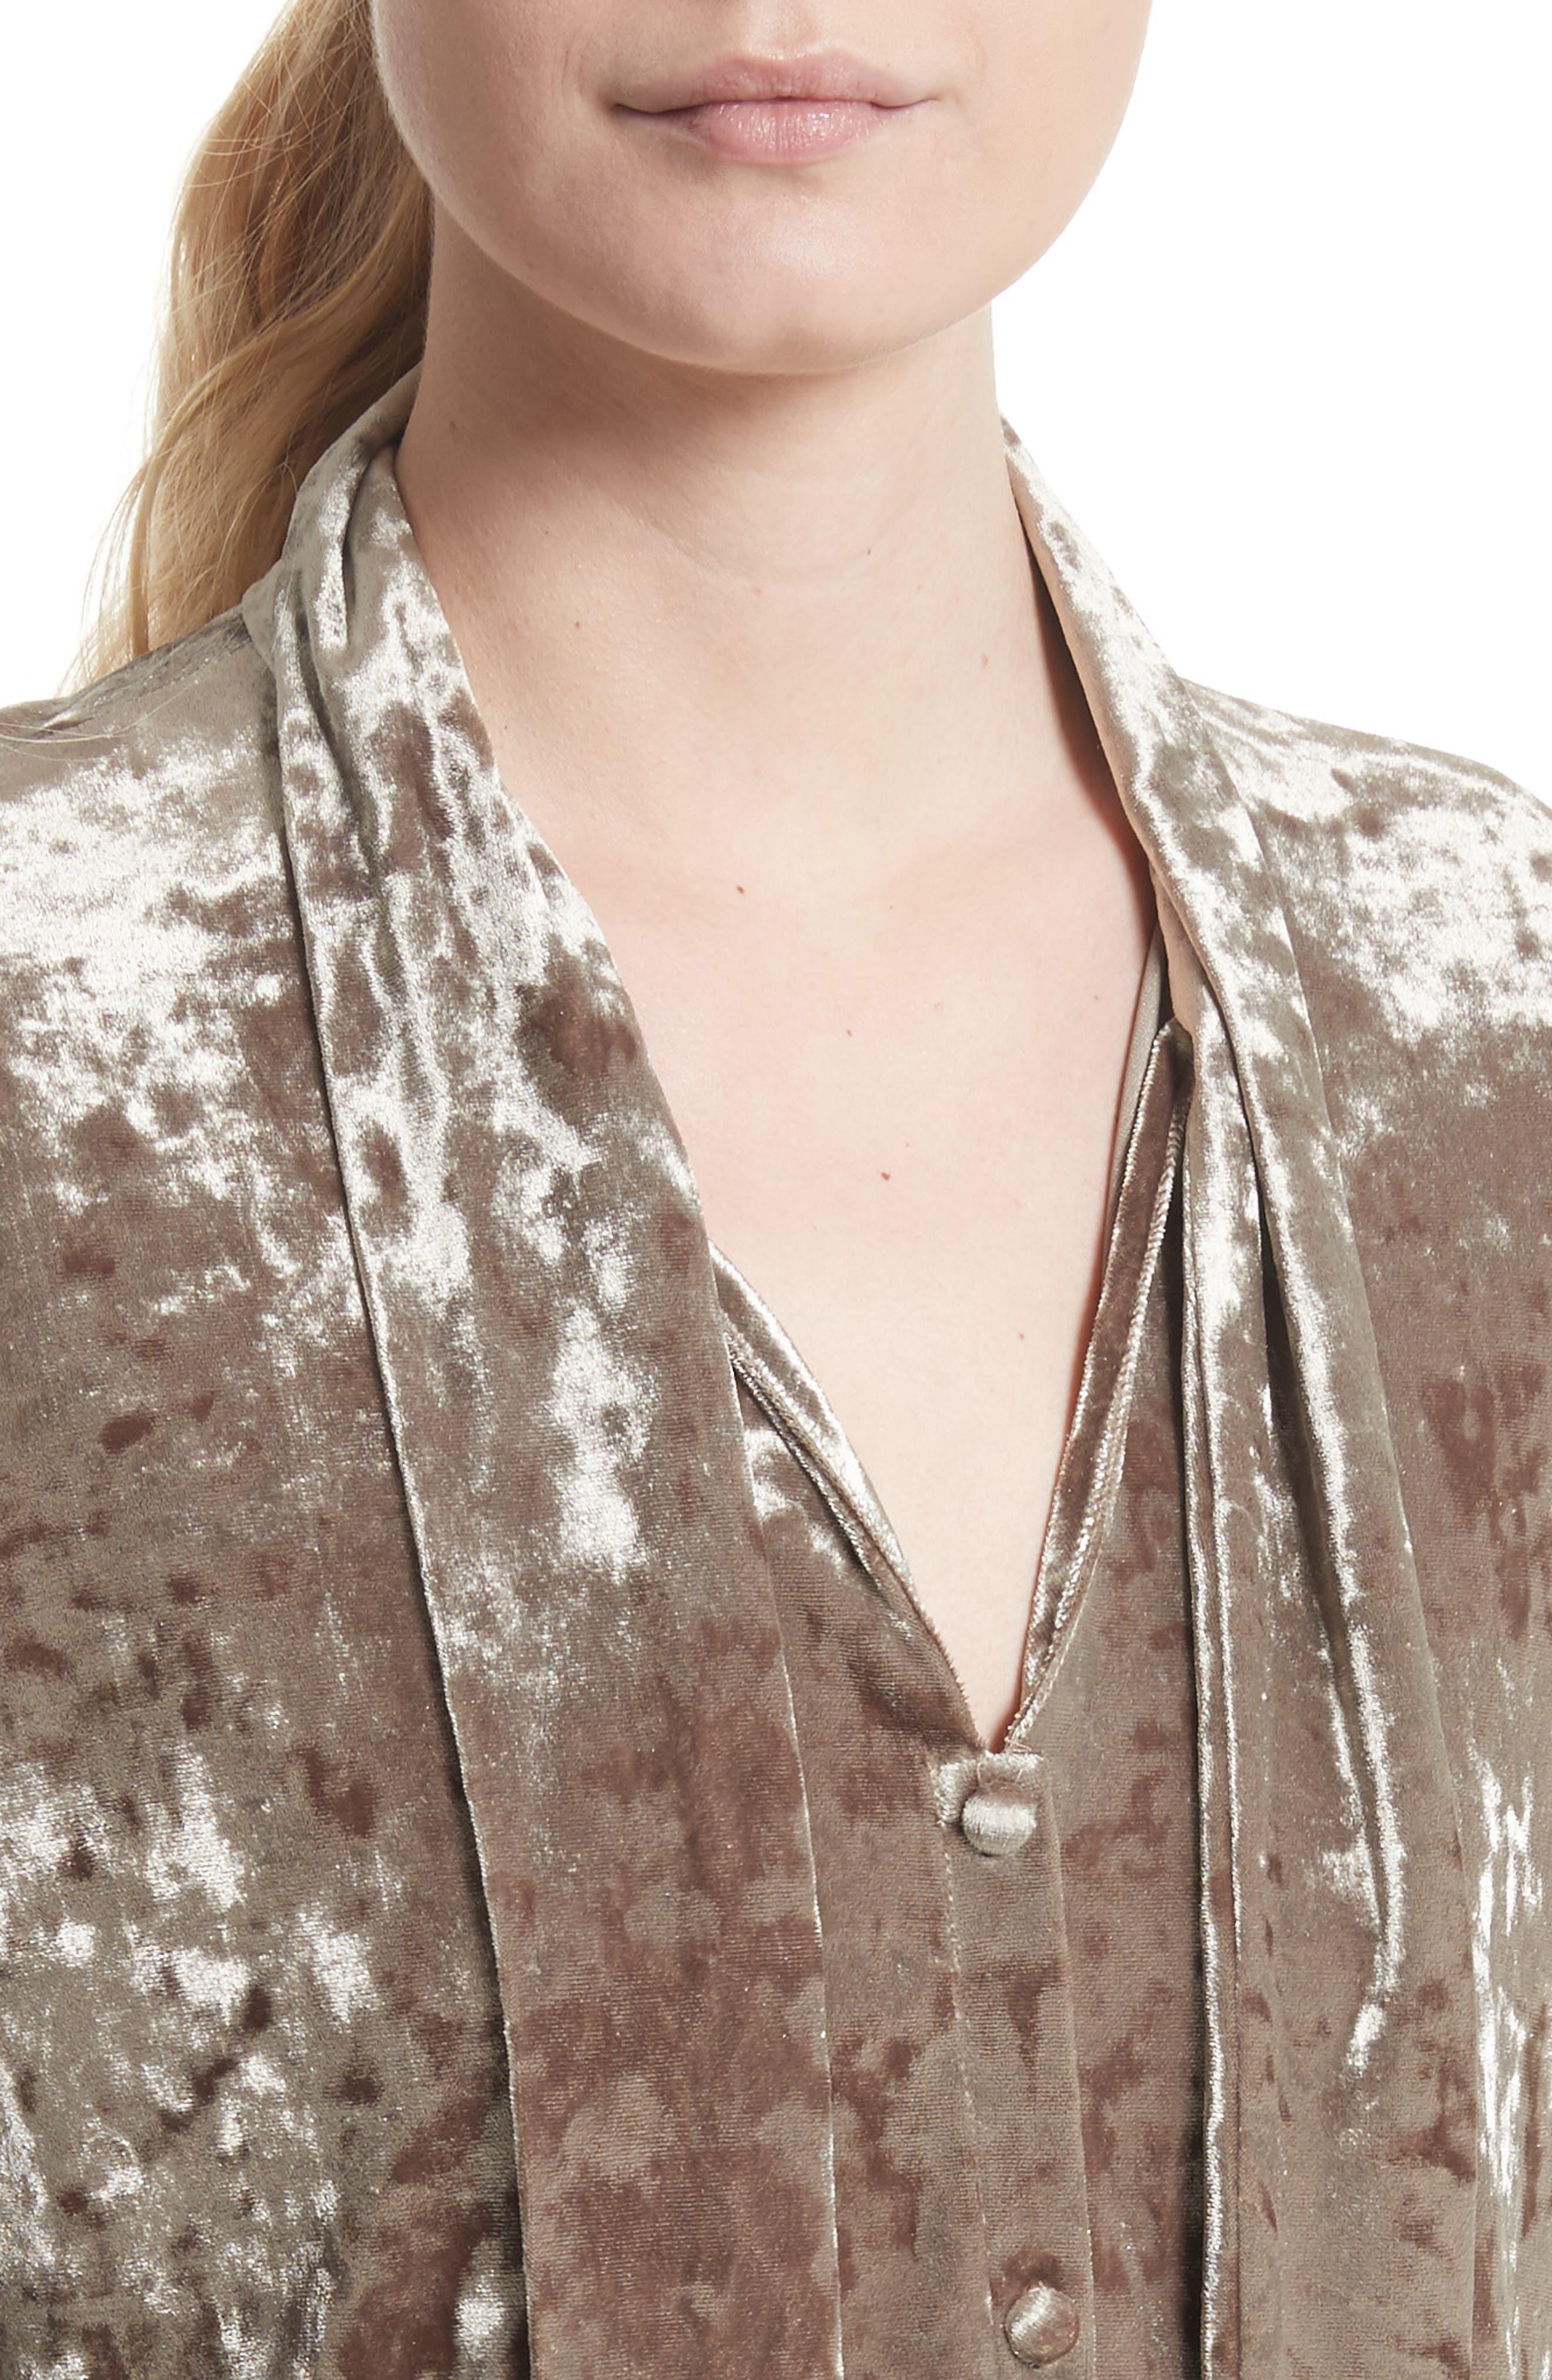 Gisele Crushed Velvet Tie Neck Blouse,                             Alternate thumbnail 4, color,